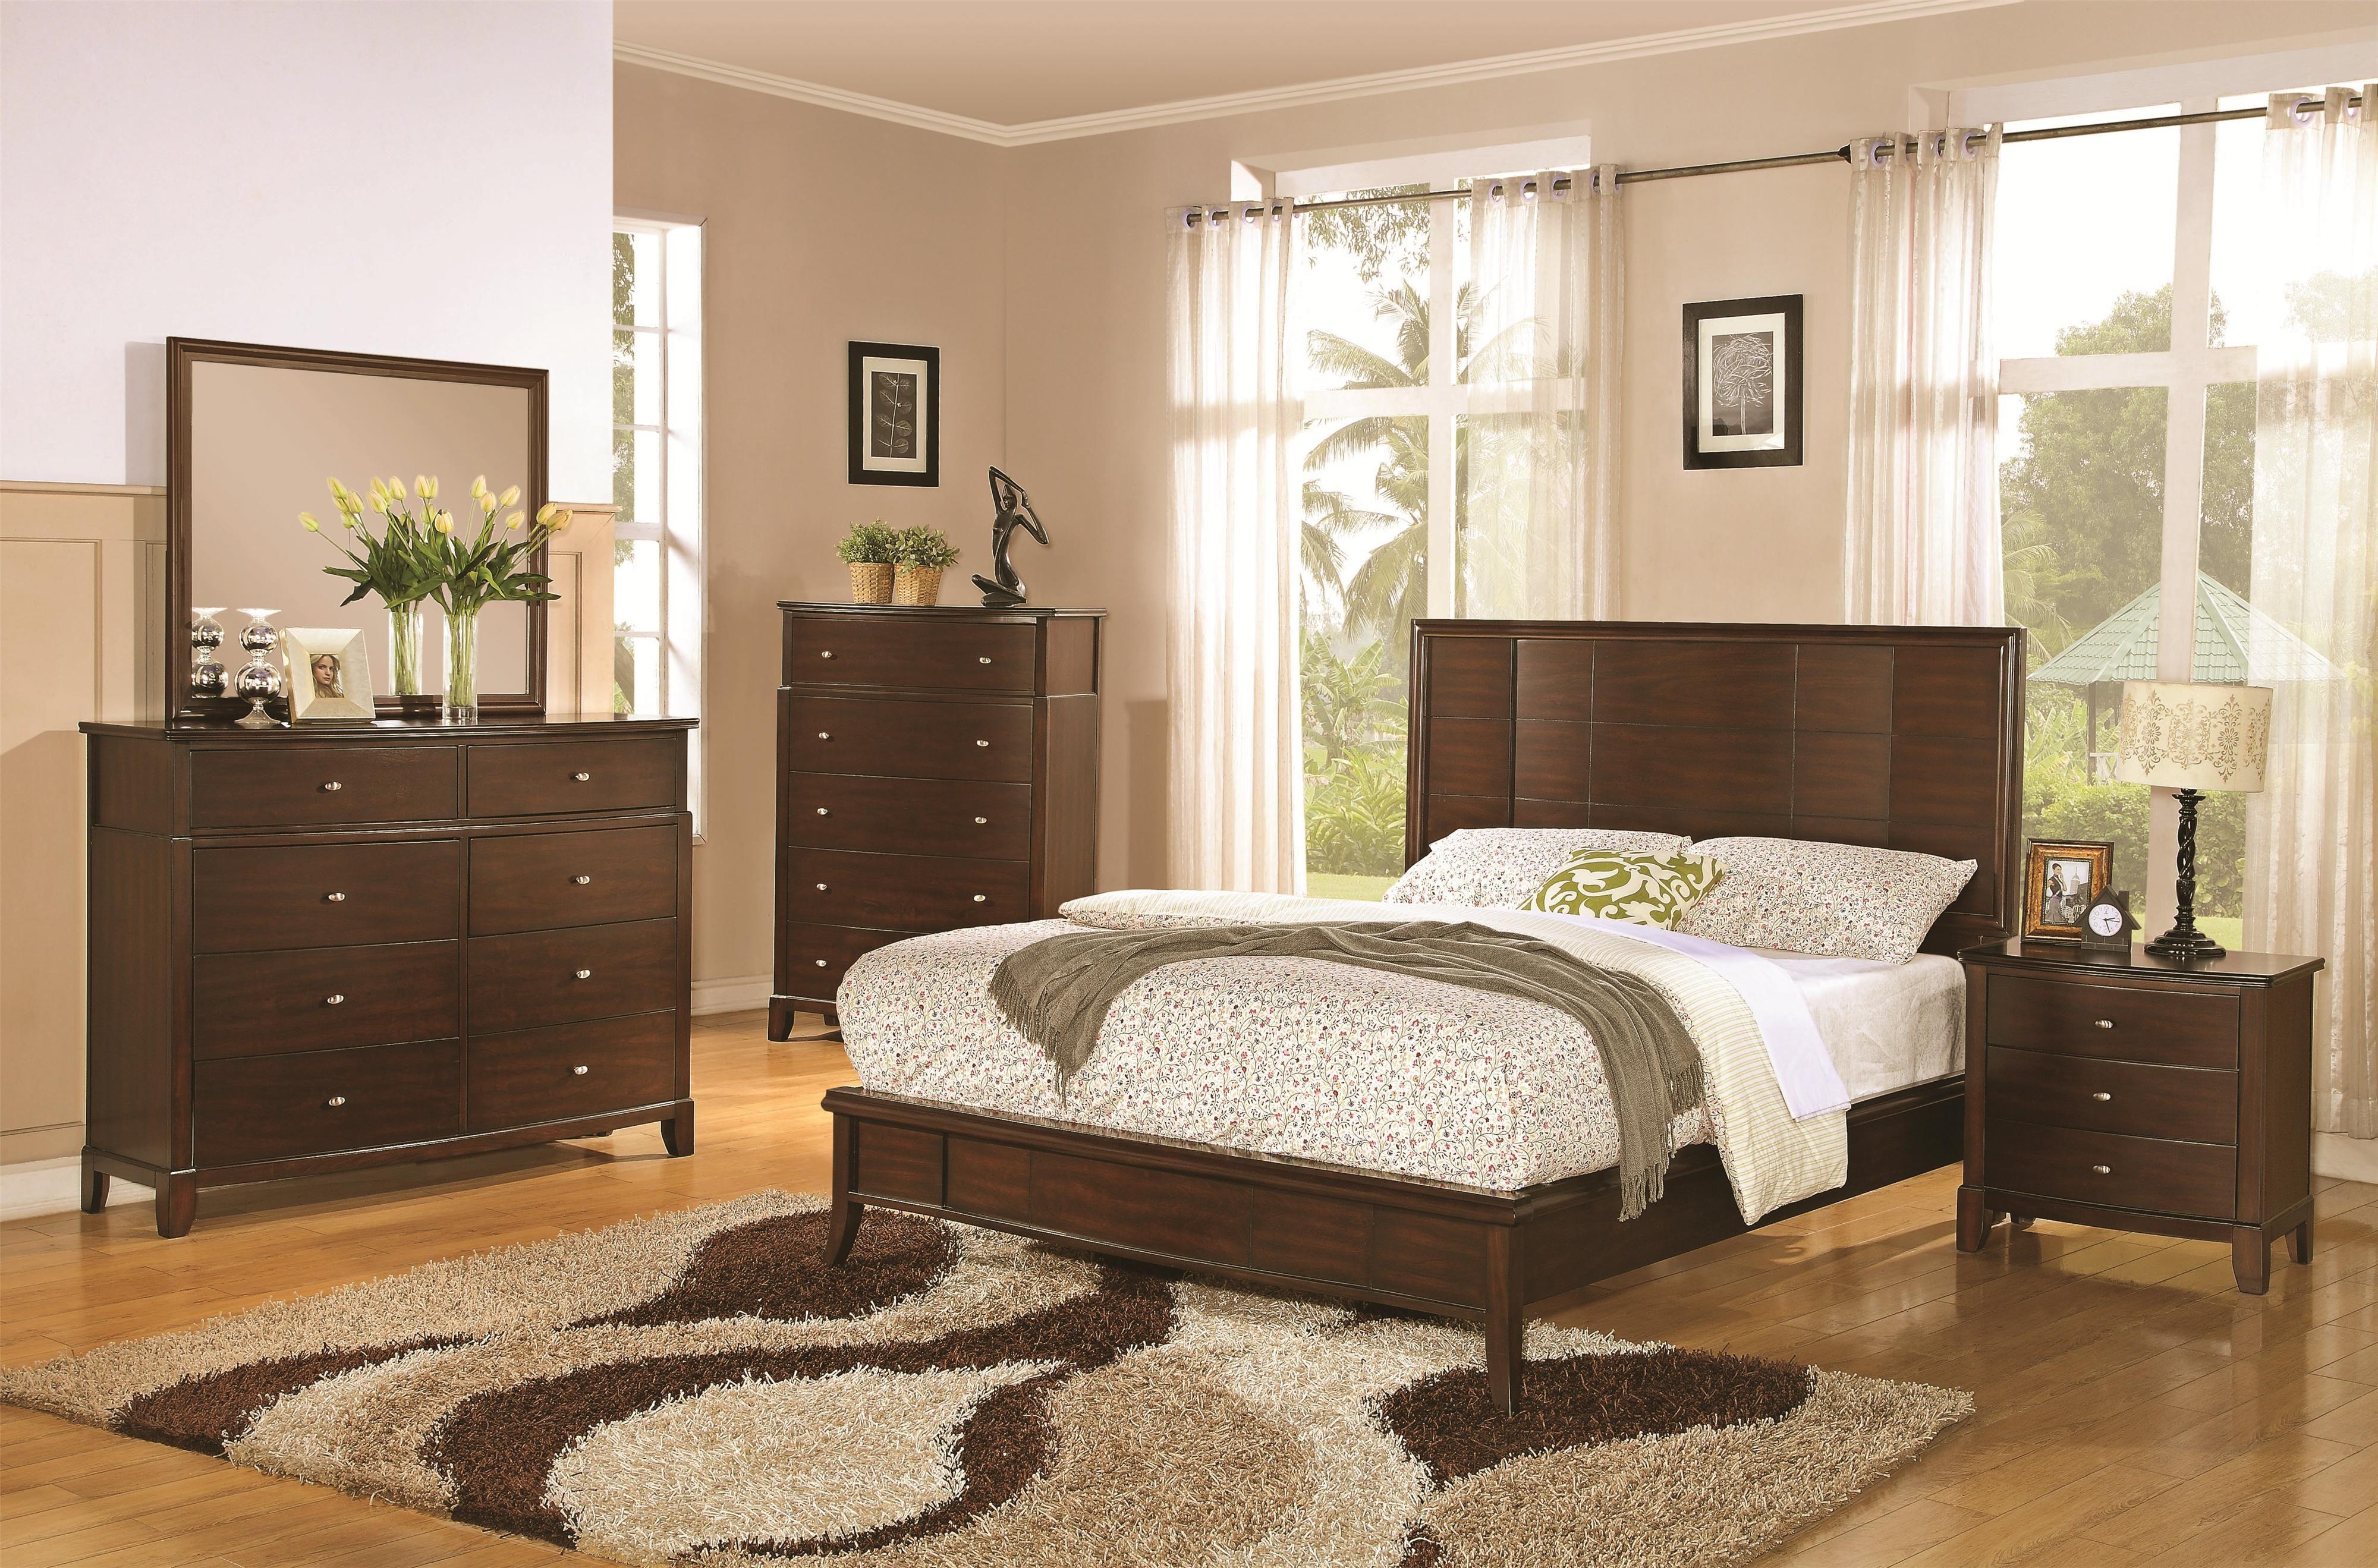 Moderno Juego De Muebles Beddresser Colección - Muebles Para Ideas ...